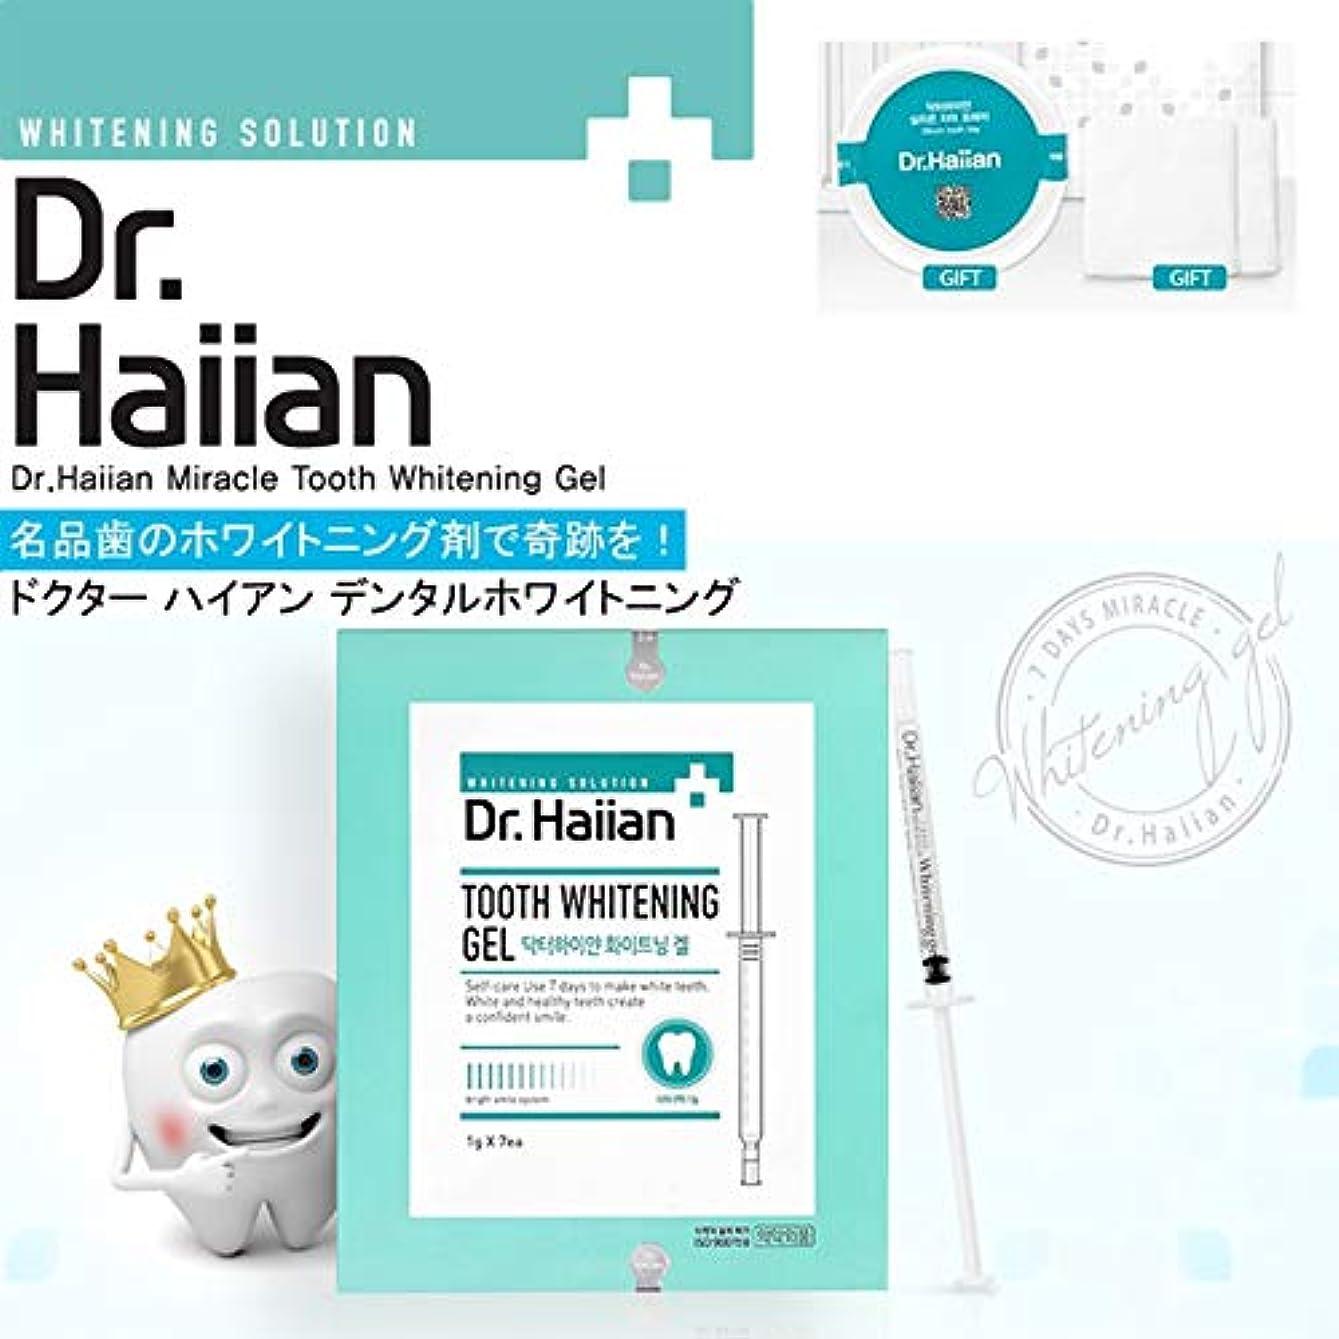 トランザクションロードされた地殻[SAMSUNG PHARM]Dr.Haiian 7Days Miracle/7日間の奇跡 [SAMSUNG PHARM]白い歯を管理するための/使ったら歯が白くなる!/Self-Teeth Whitening Agent...